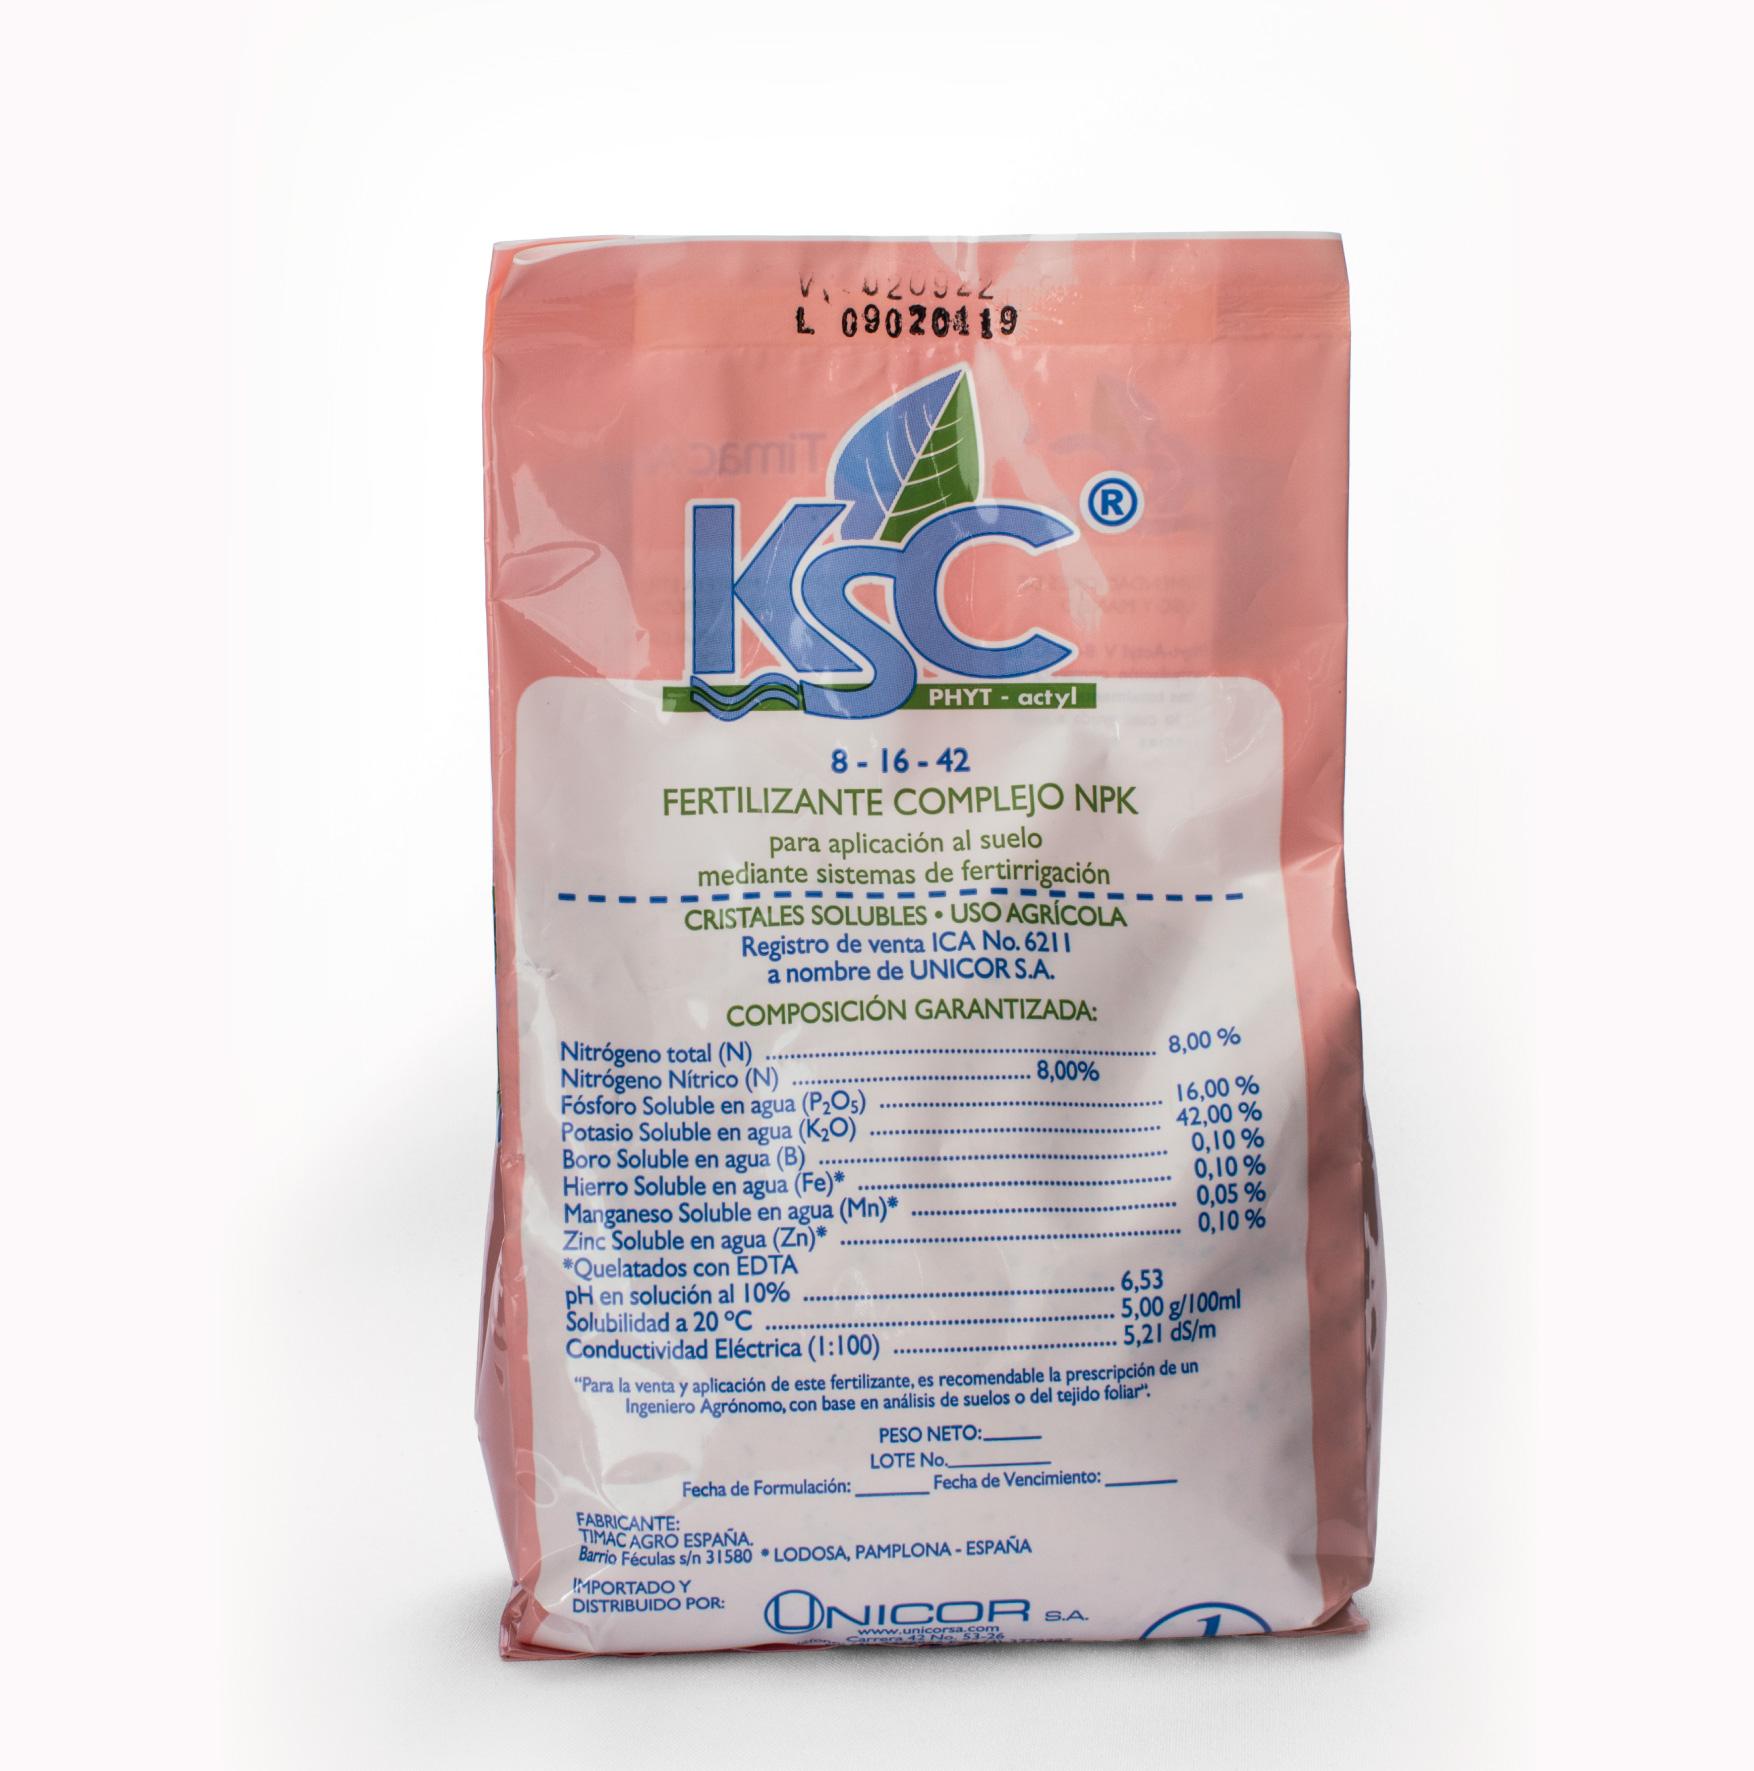 KSC PHYT ACTYL V LILA X 1 Kg